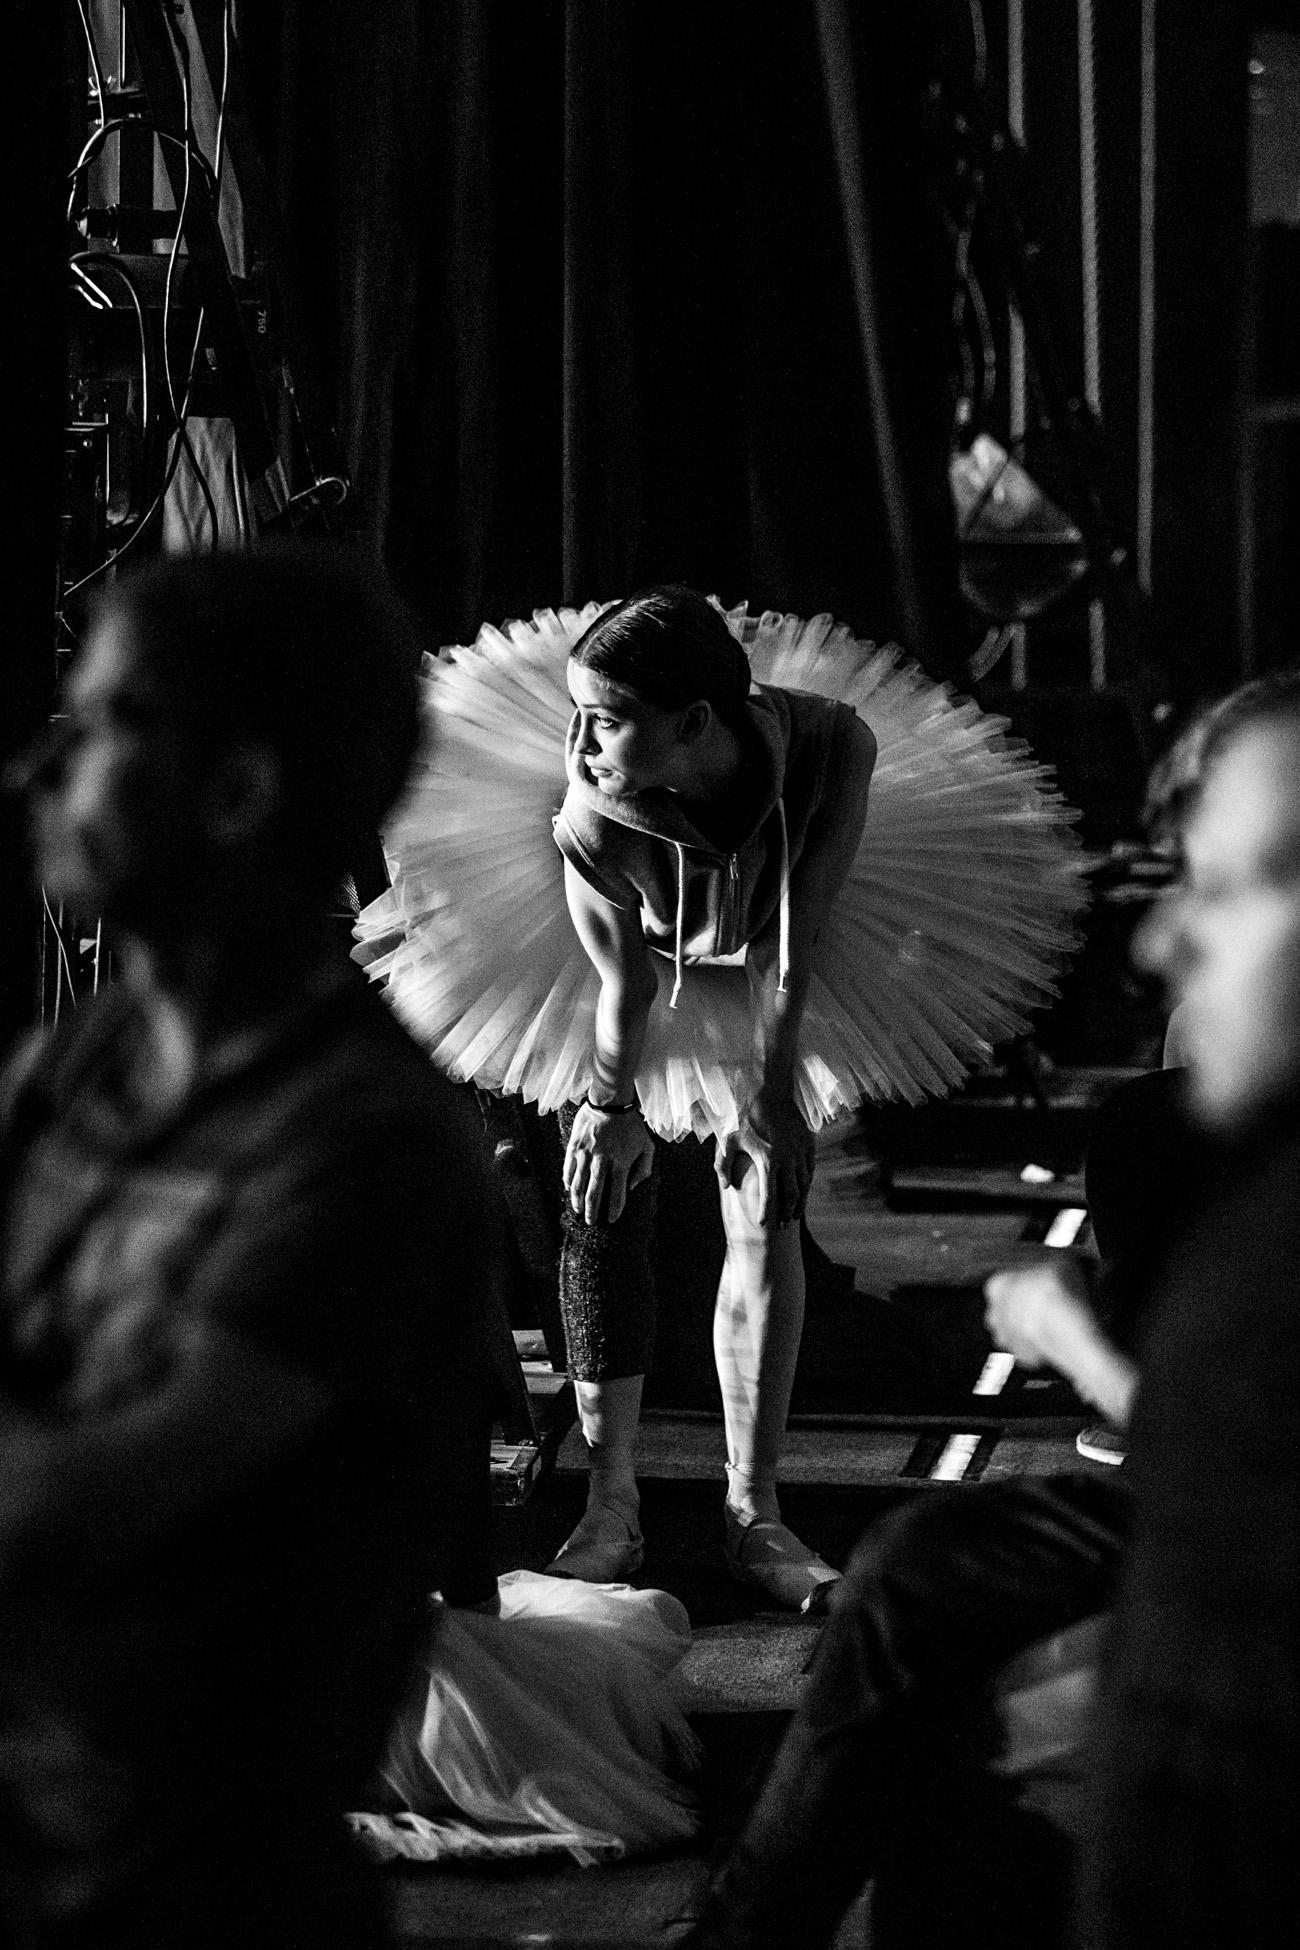 ダイエット、傷ついた足、その他の困難を、舞台の上に立つと忘れてしまう。バレリーナの動作は完璧で、体は古代の美の理想を呼び戻す。